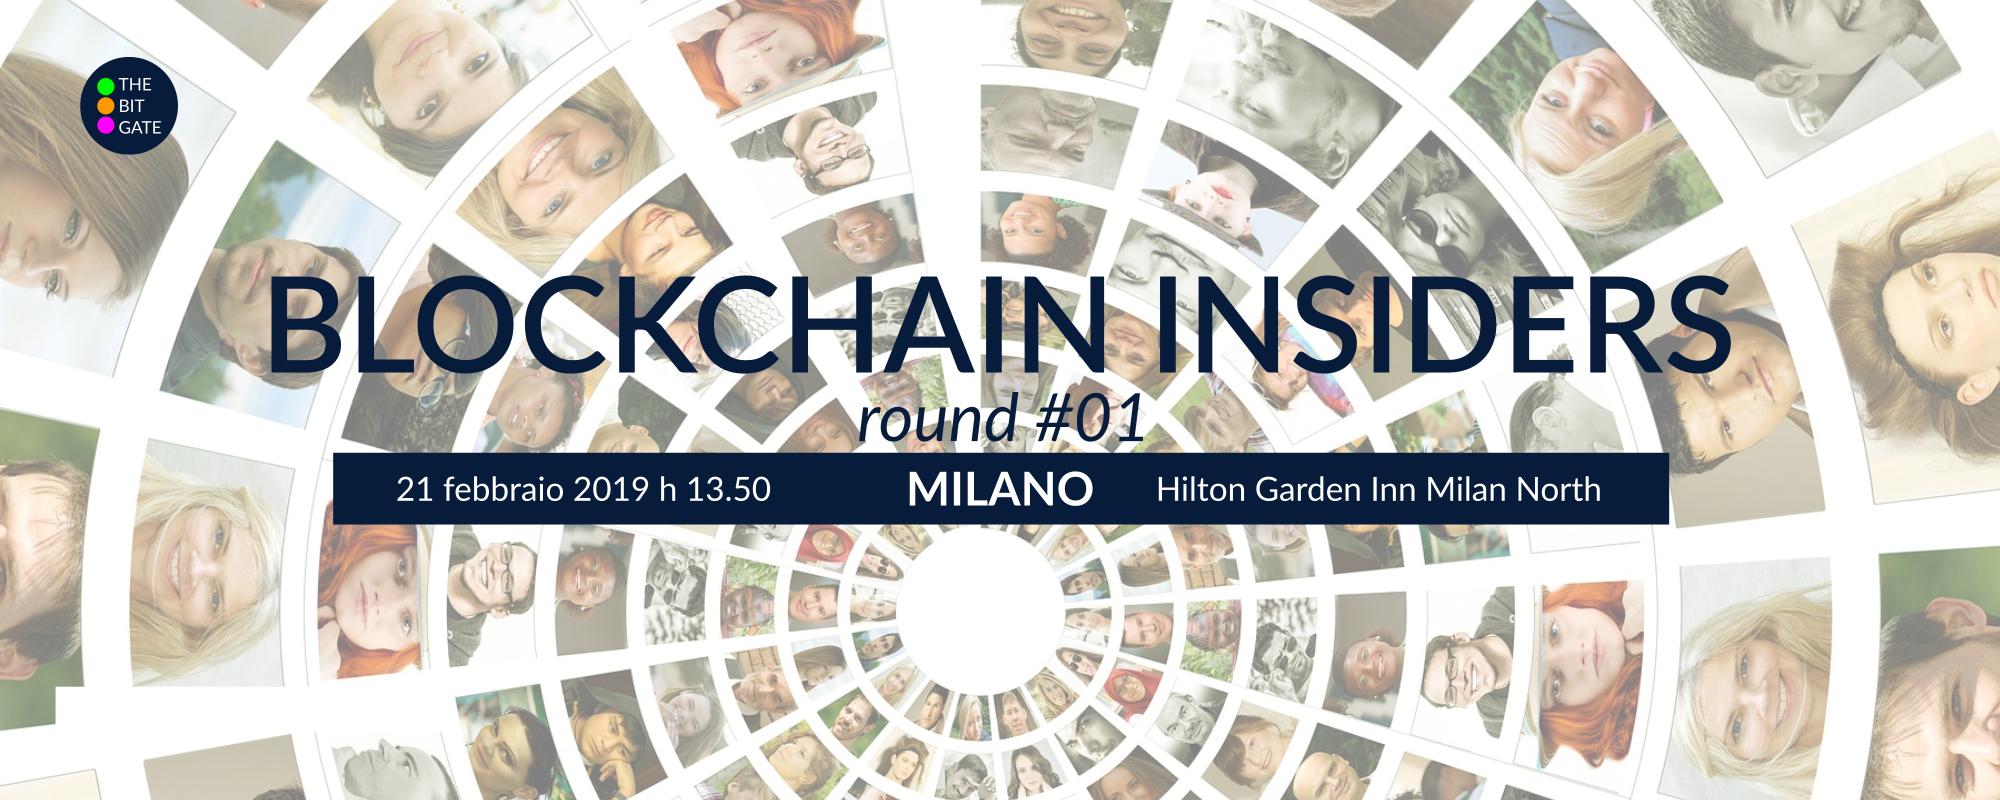 Blockchain Insiders: tutte le novità dell'evento di Milano